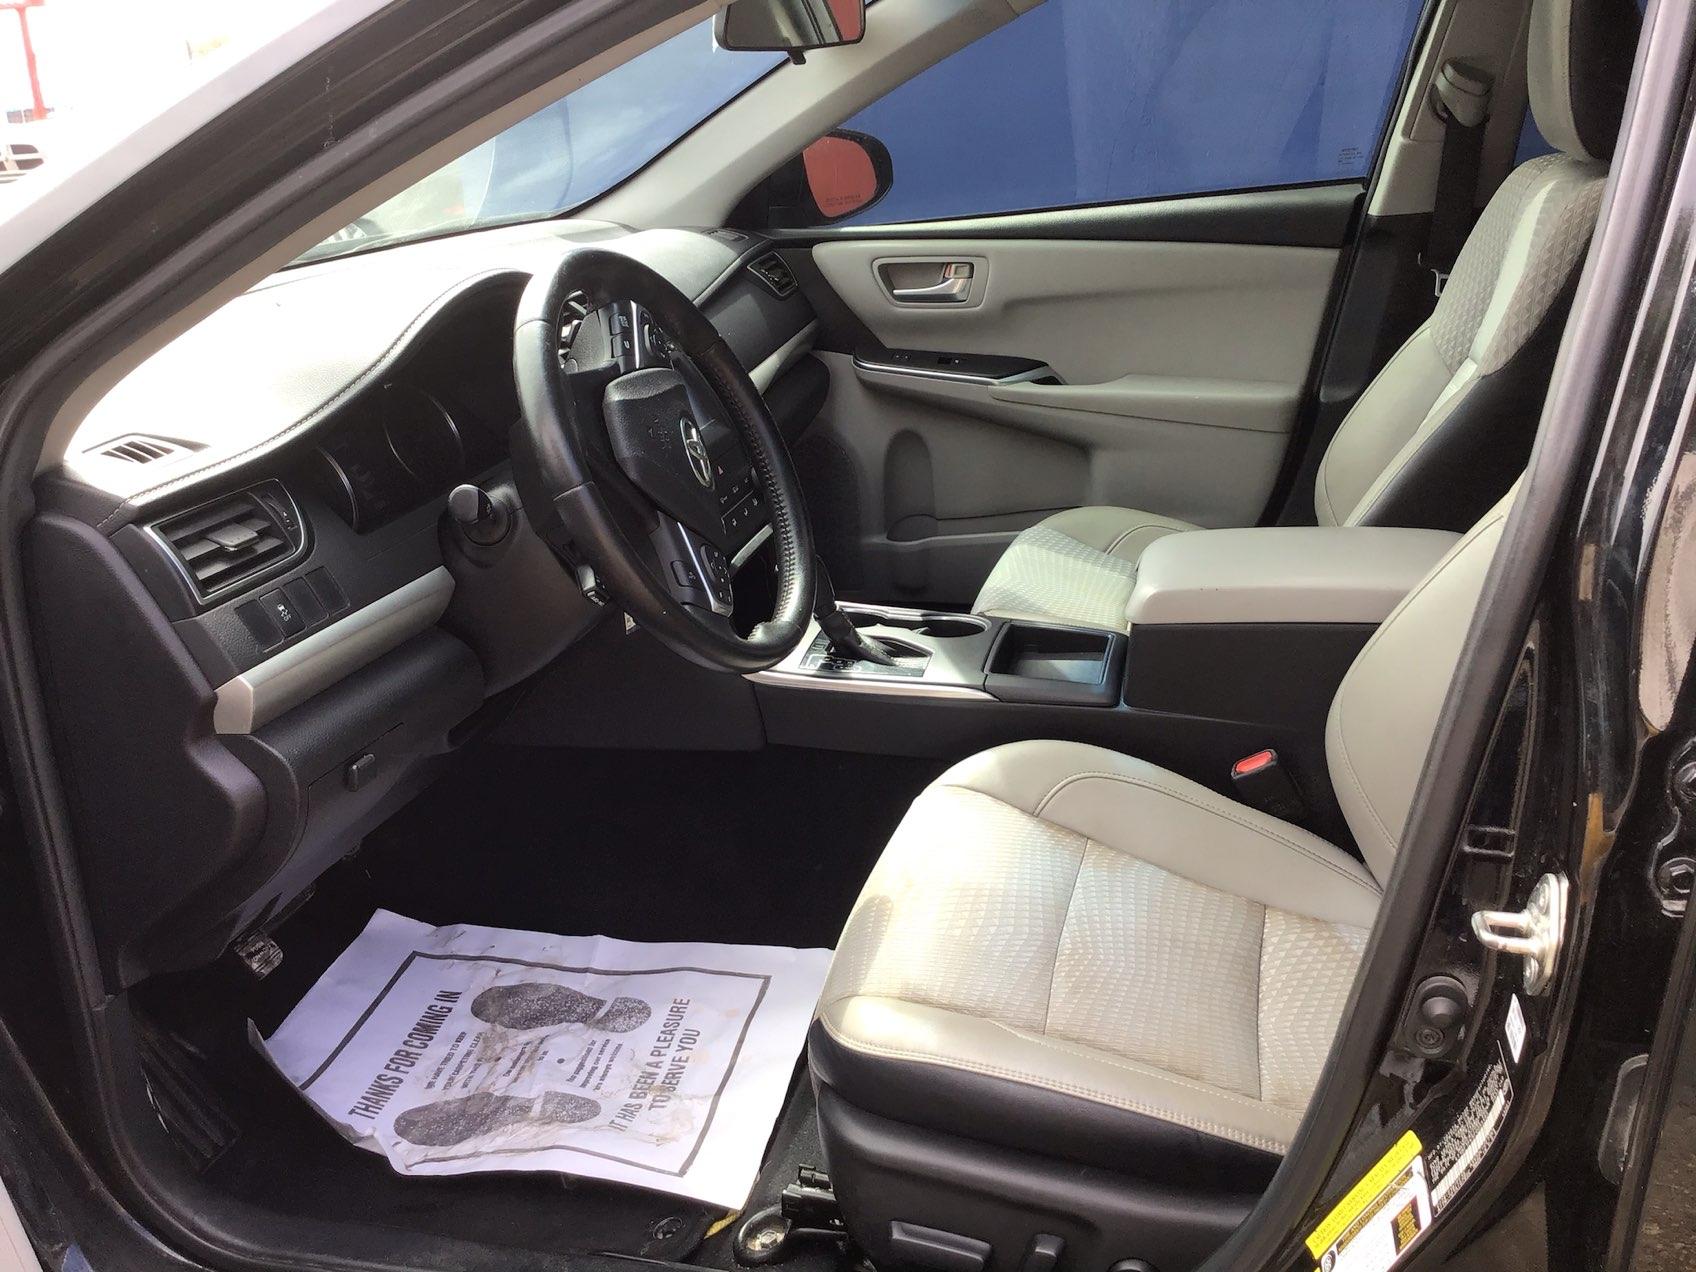 used vehicle - Sedan TOYOTA CAMRY 2015